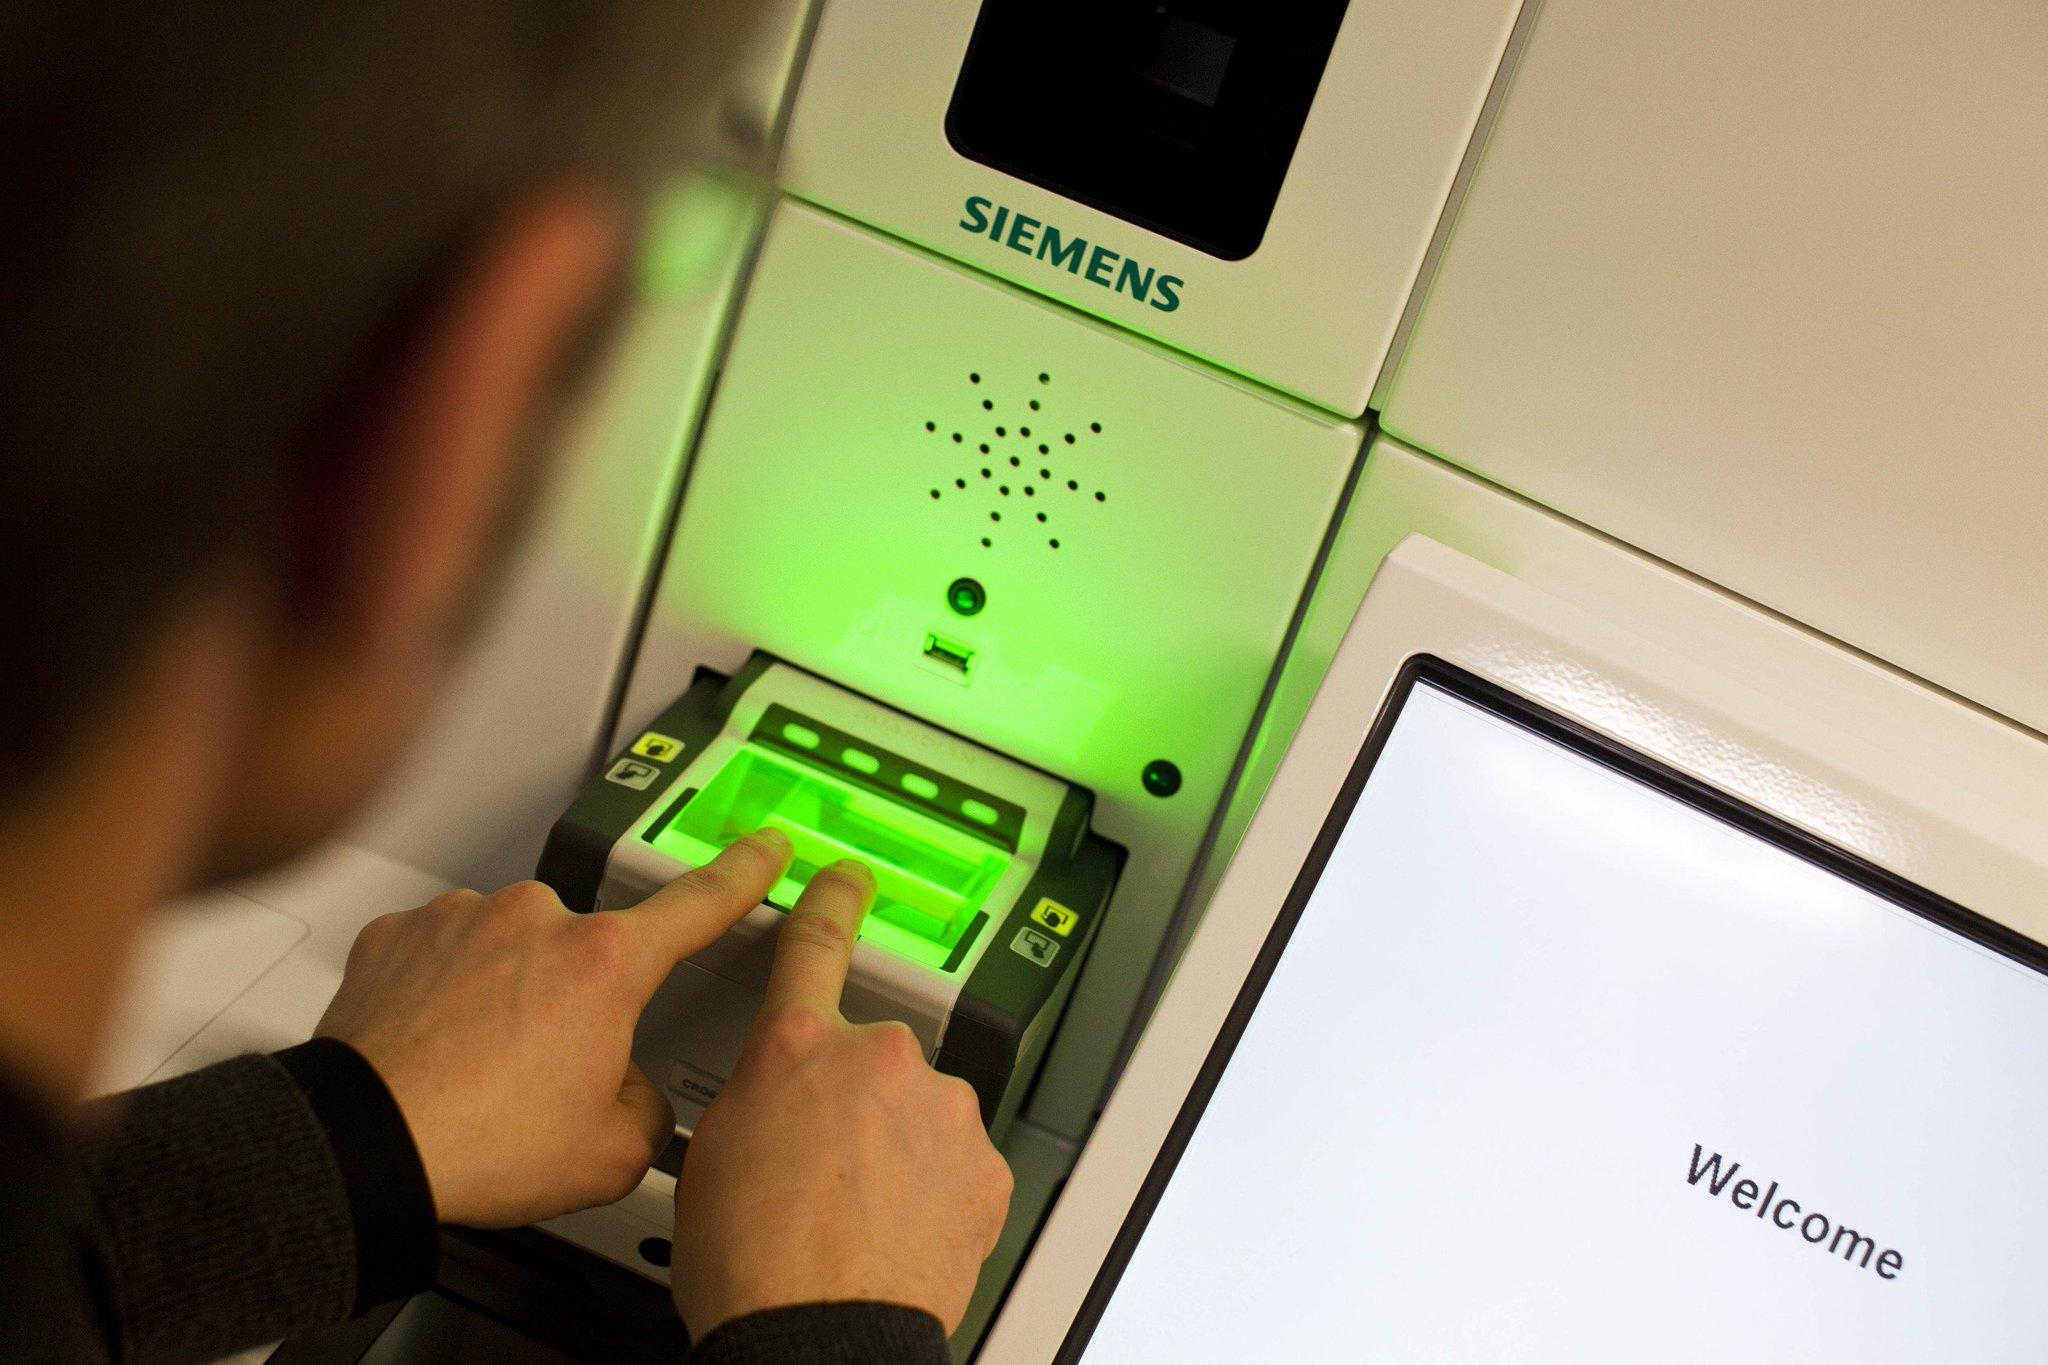 Данные тела и закон: где и как работает биометрическое законодательство | команда 29